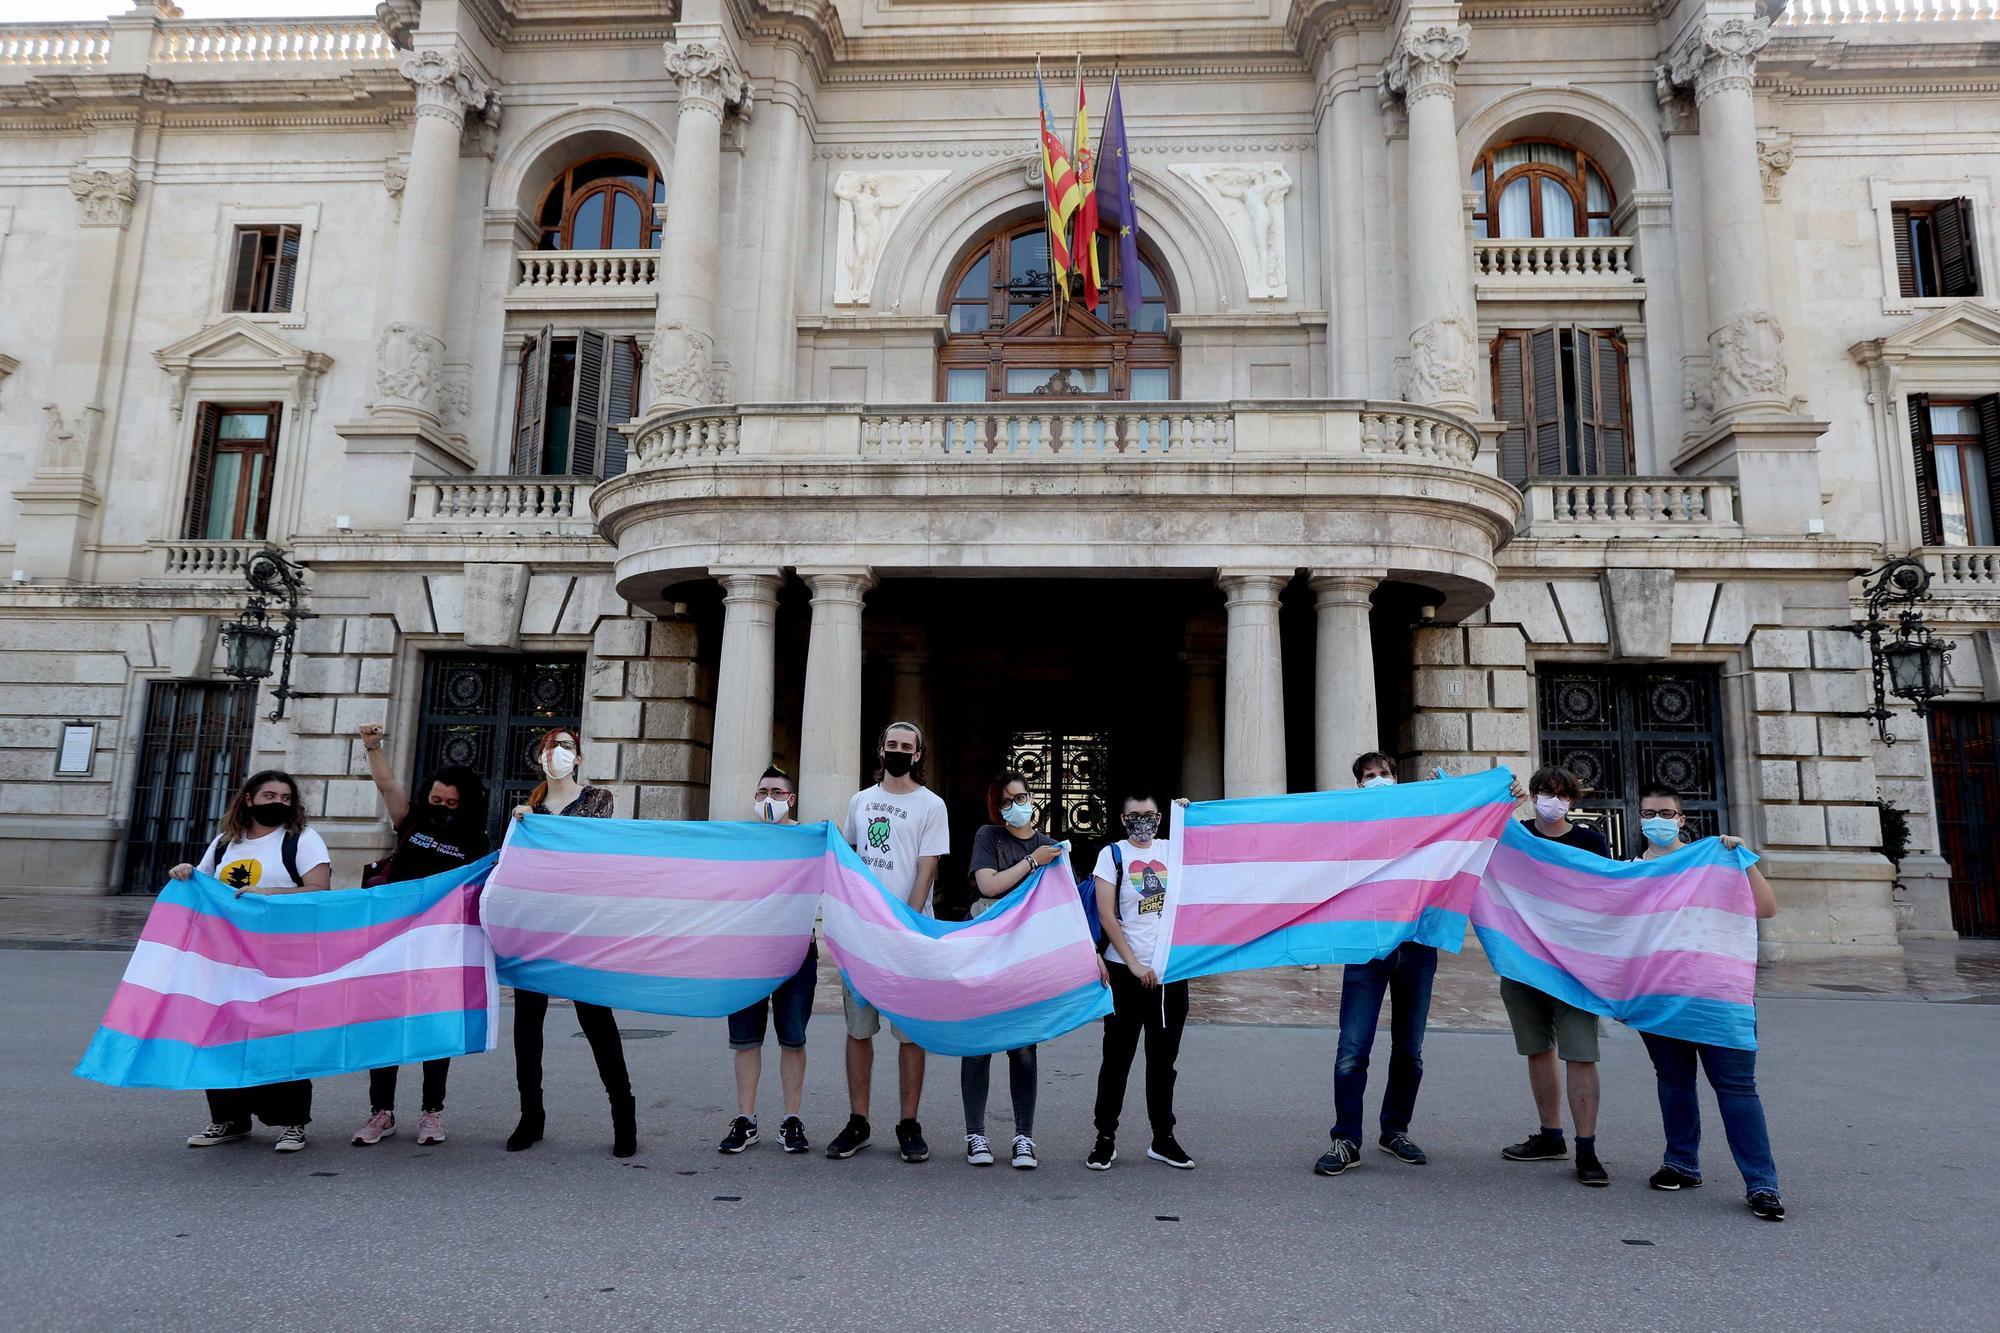 Lamba denuncia en una performance las violencias cotidianas que sufren las personas trans